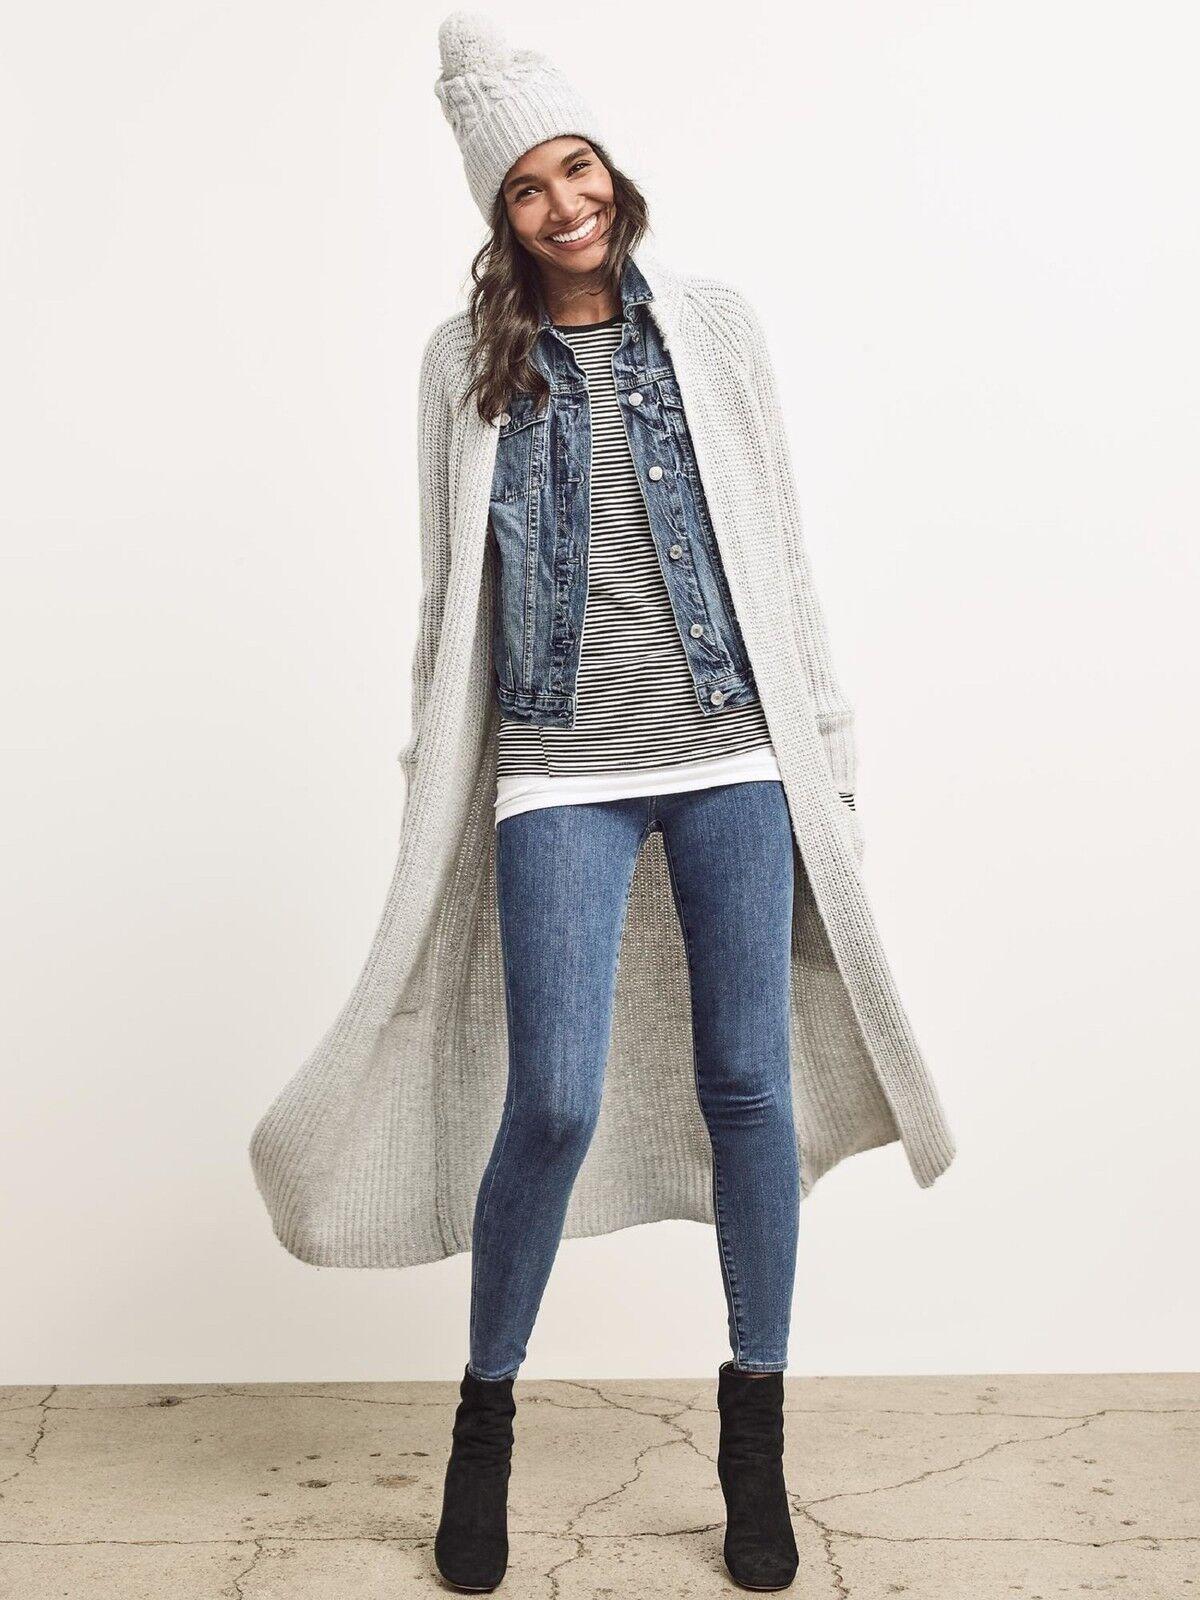 Gap Maxi Shaker Cardigan Sweater in Heather Grey NWT  100 S